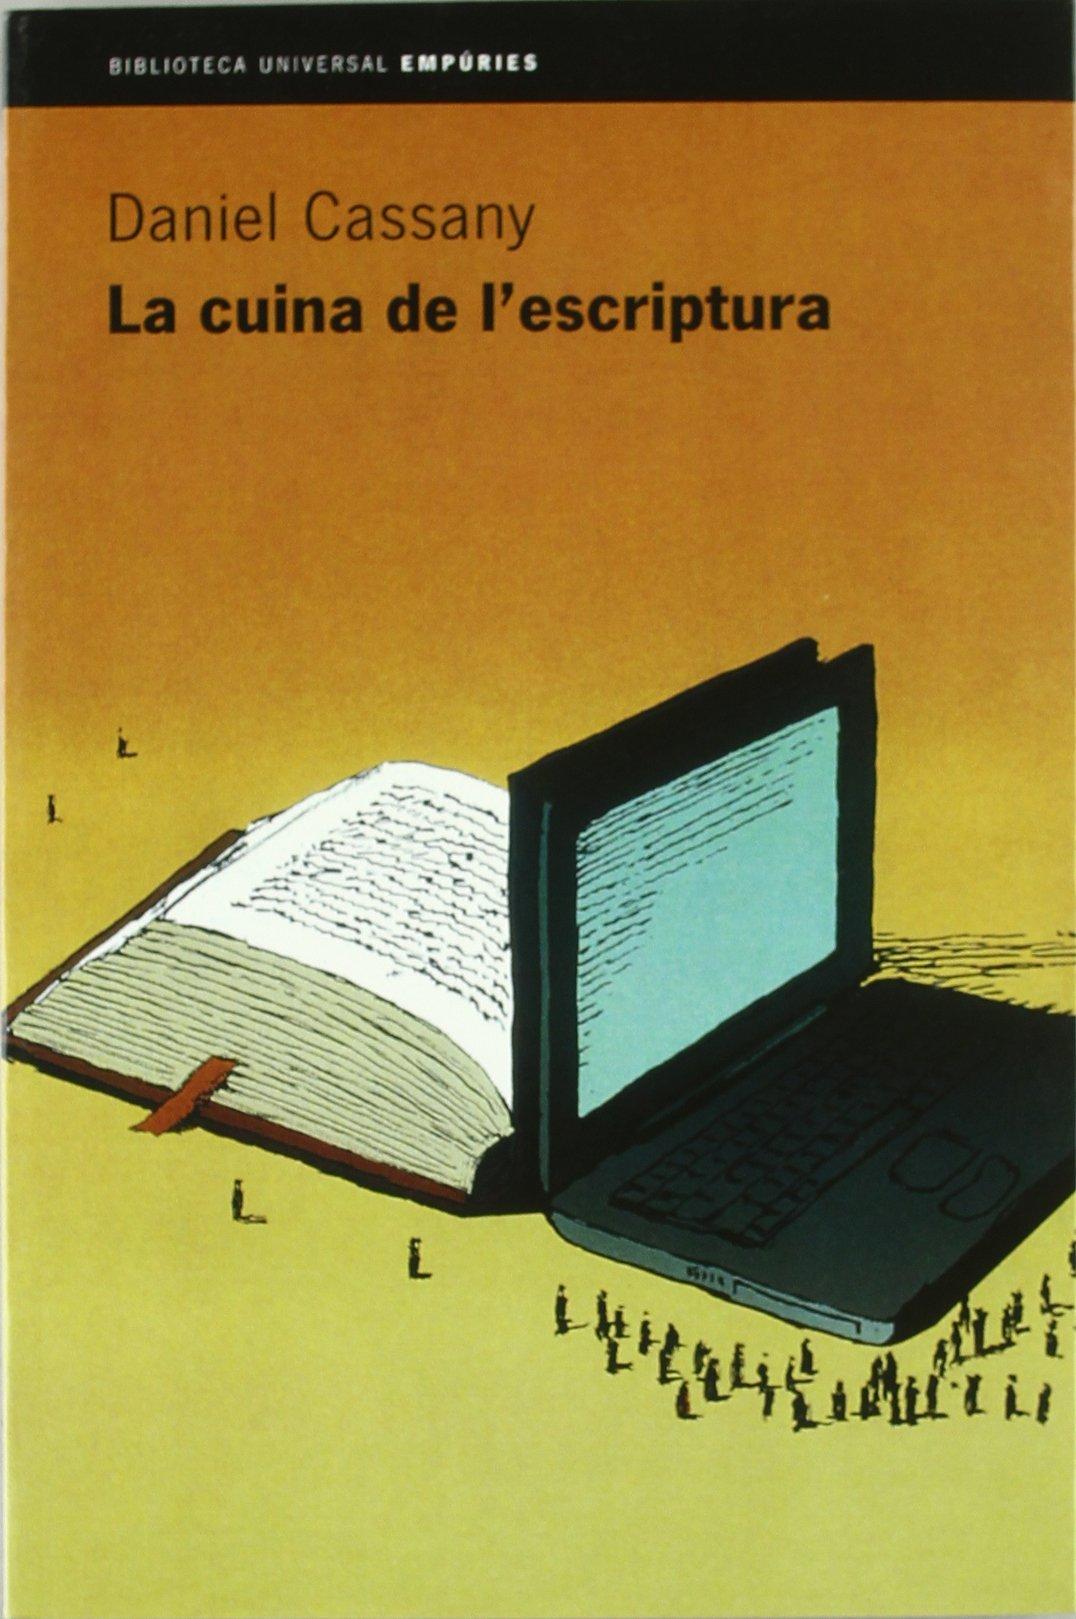 'La cuina de l'escriptura', Daniel Cassany